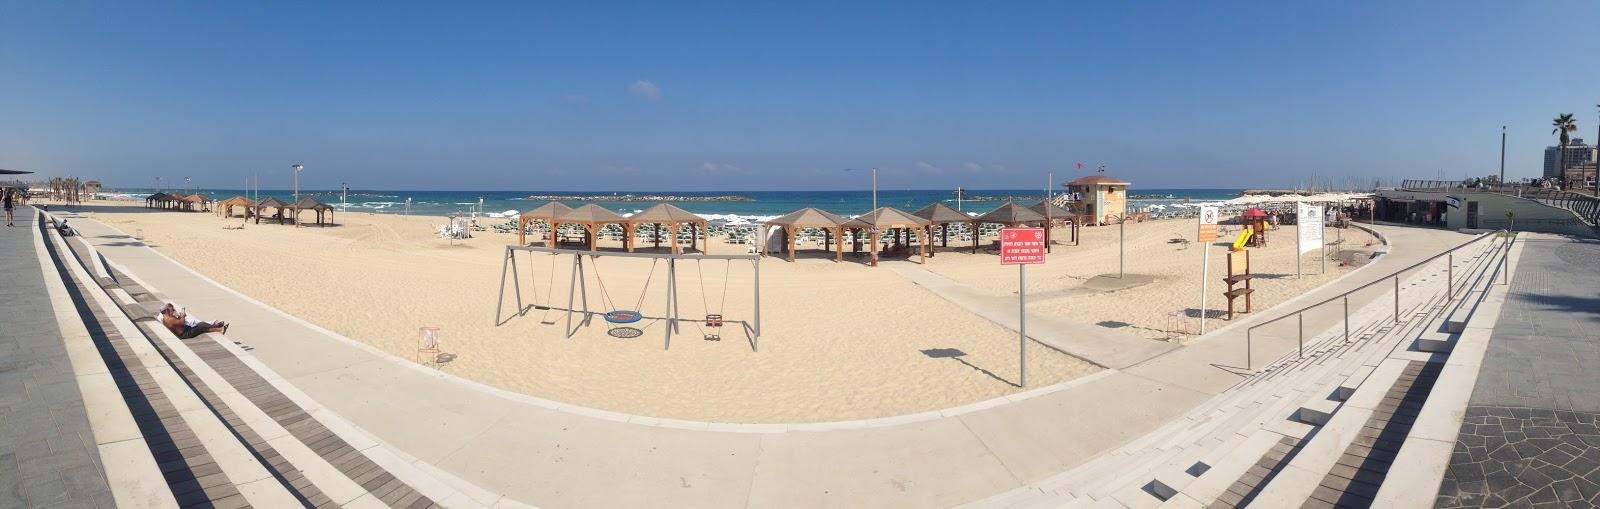 pláž v Tel Avivu panorama